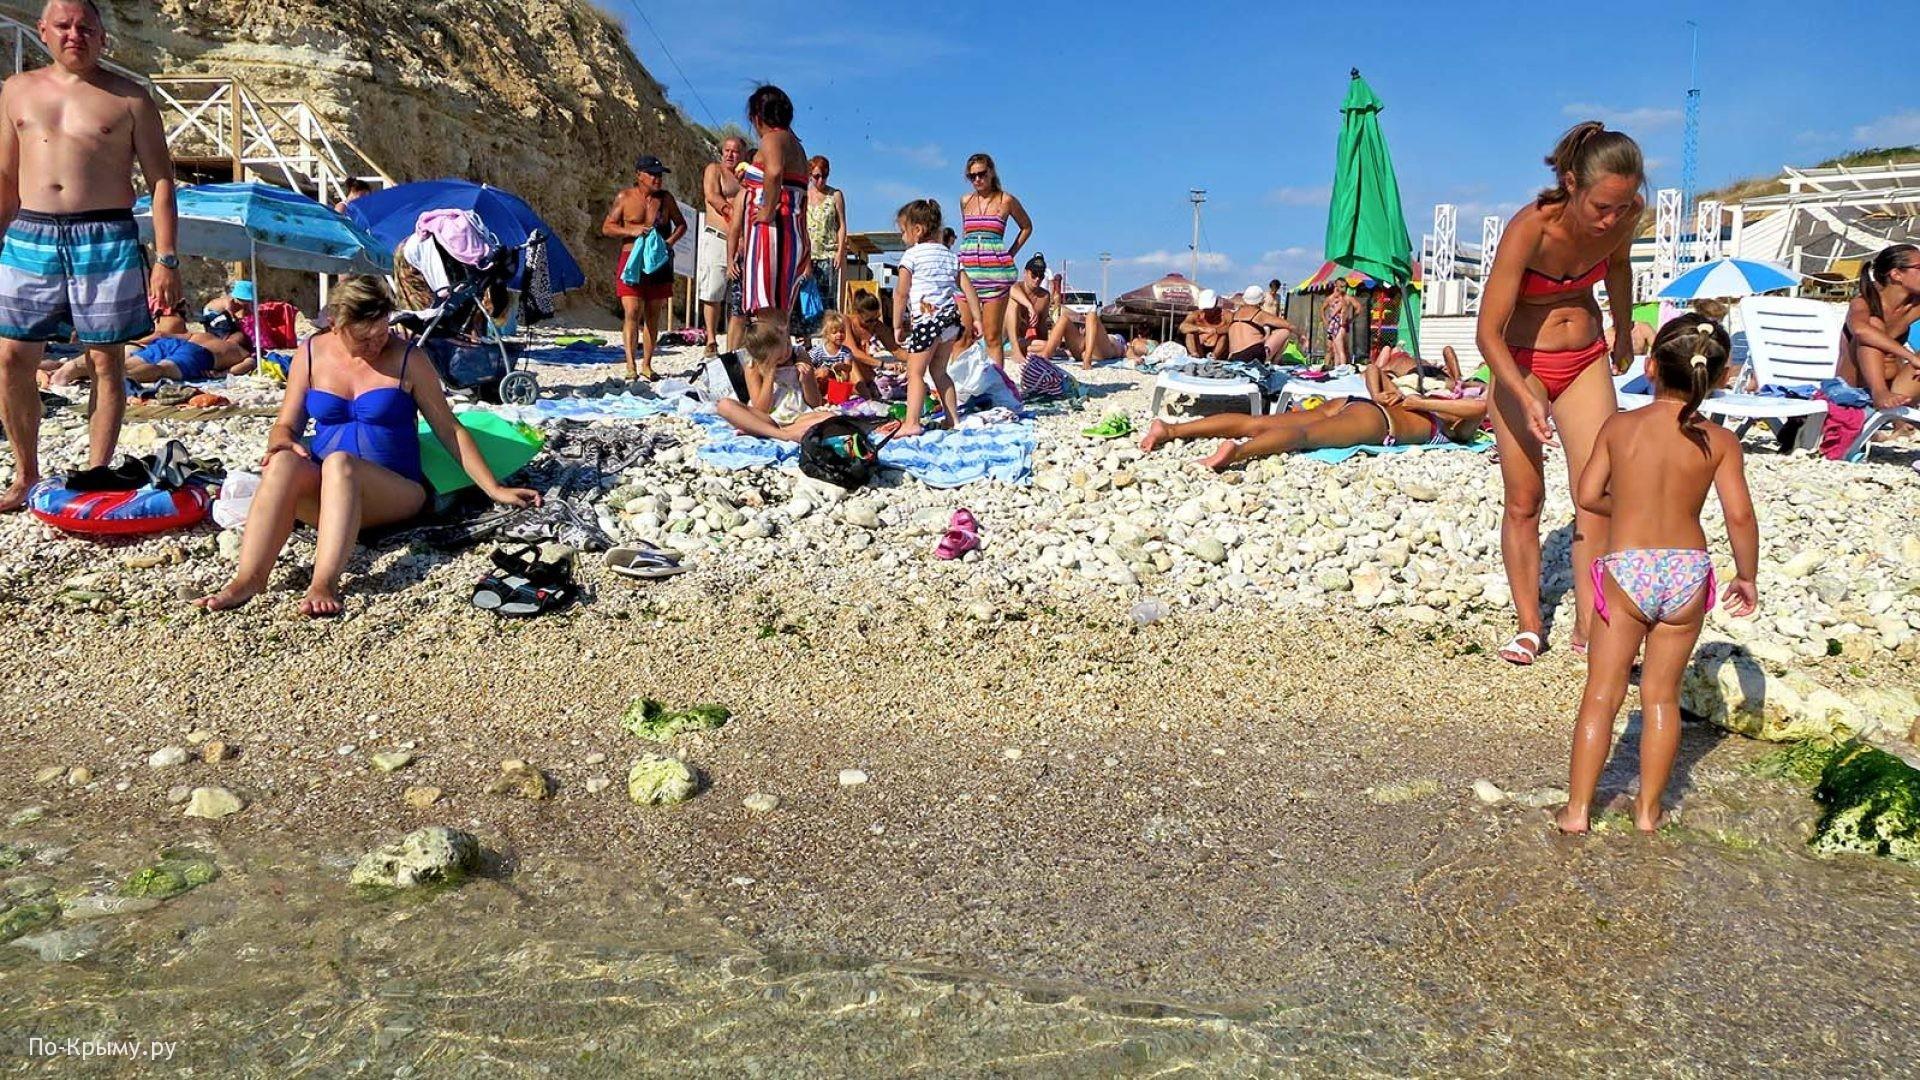 Галечный пляж Севастополя «Голубая бухта»